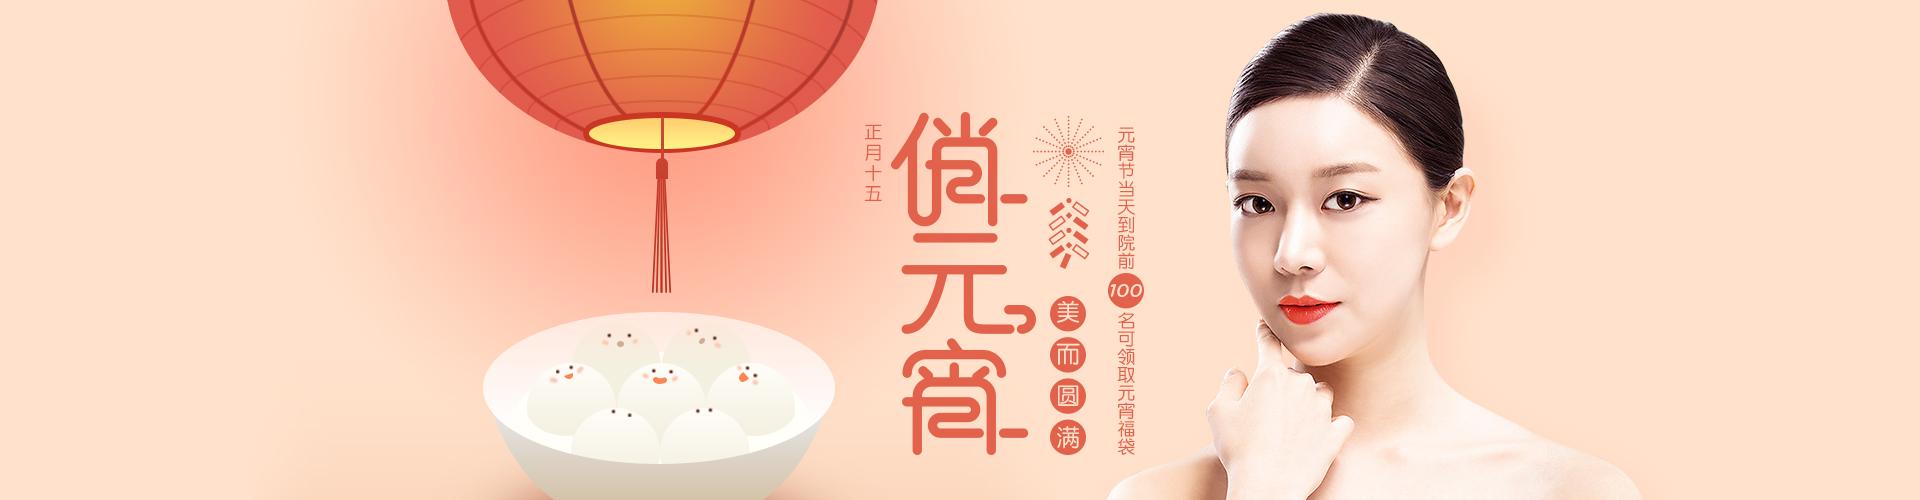 上海六月活动